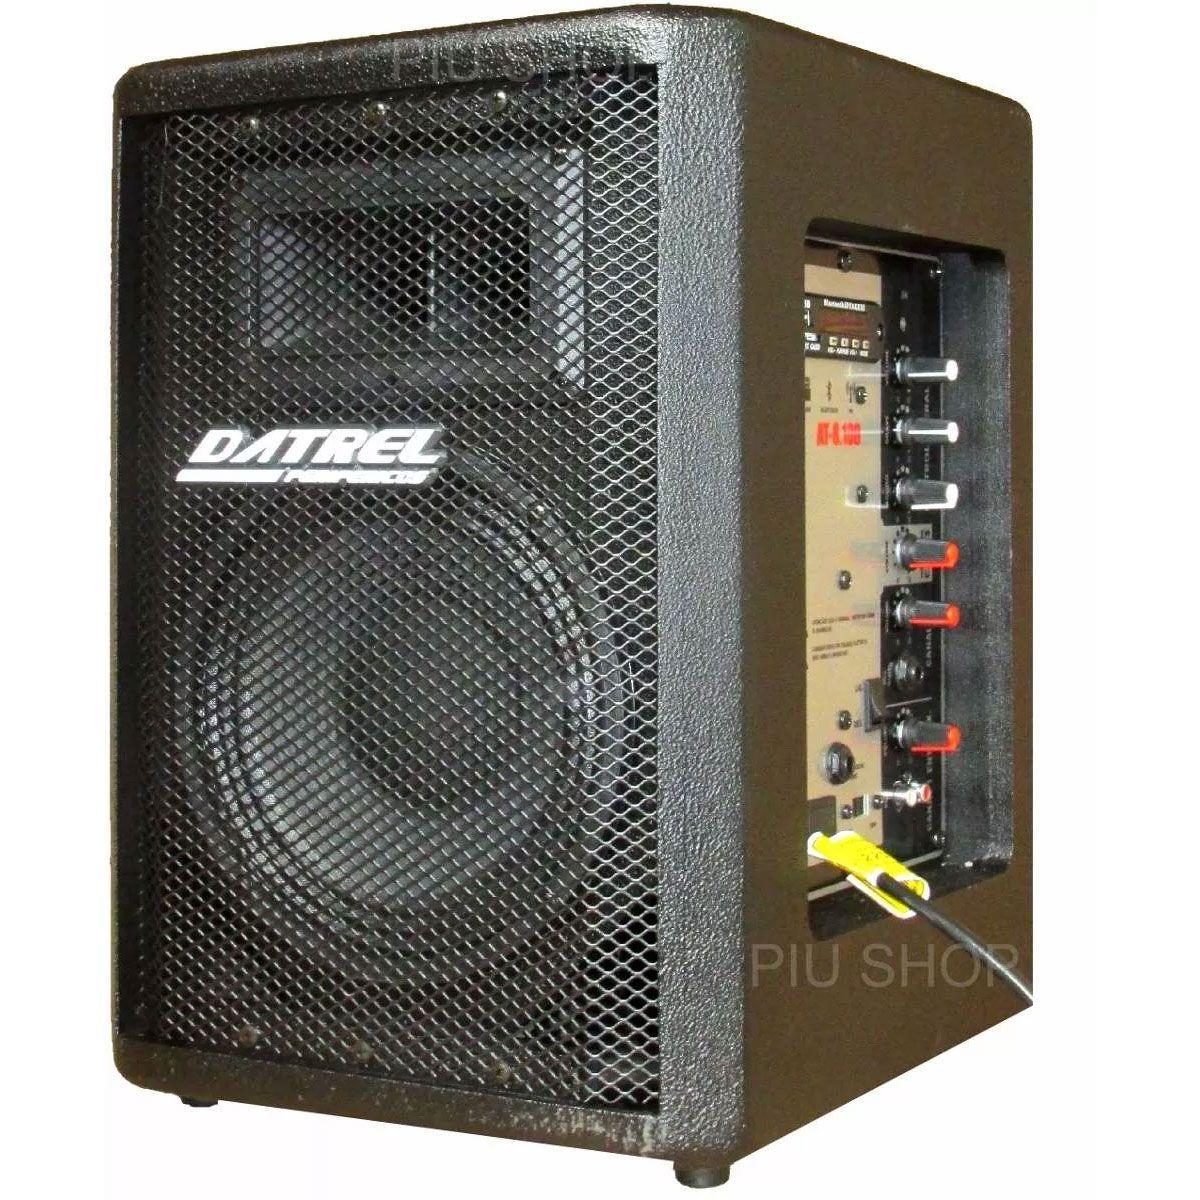 Caixa Amplificada Datrel At8100blu Bluetooth Usb/Sd/Fm Frontal2v.F8 C/Controle Remoto Ativa Alimenta Passiva100wrms